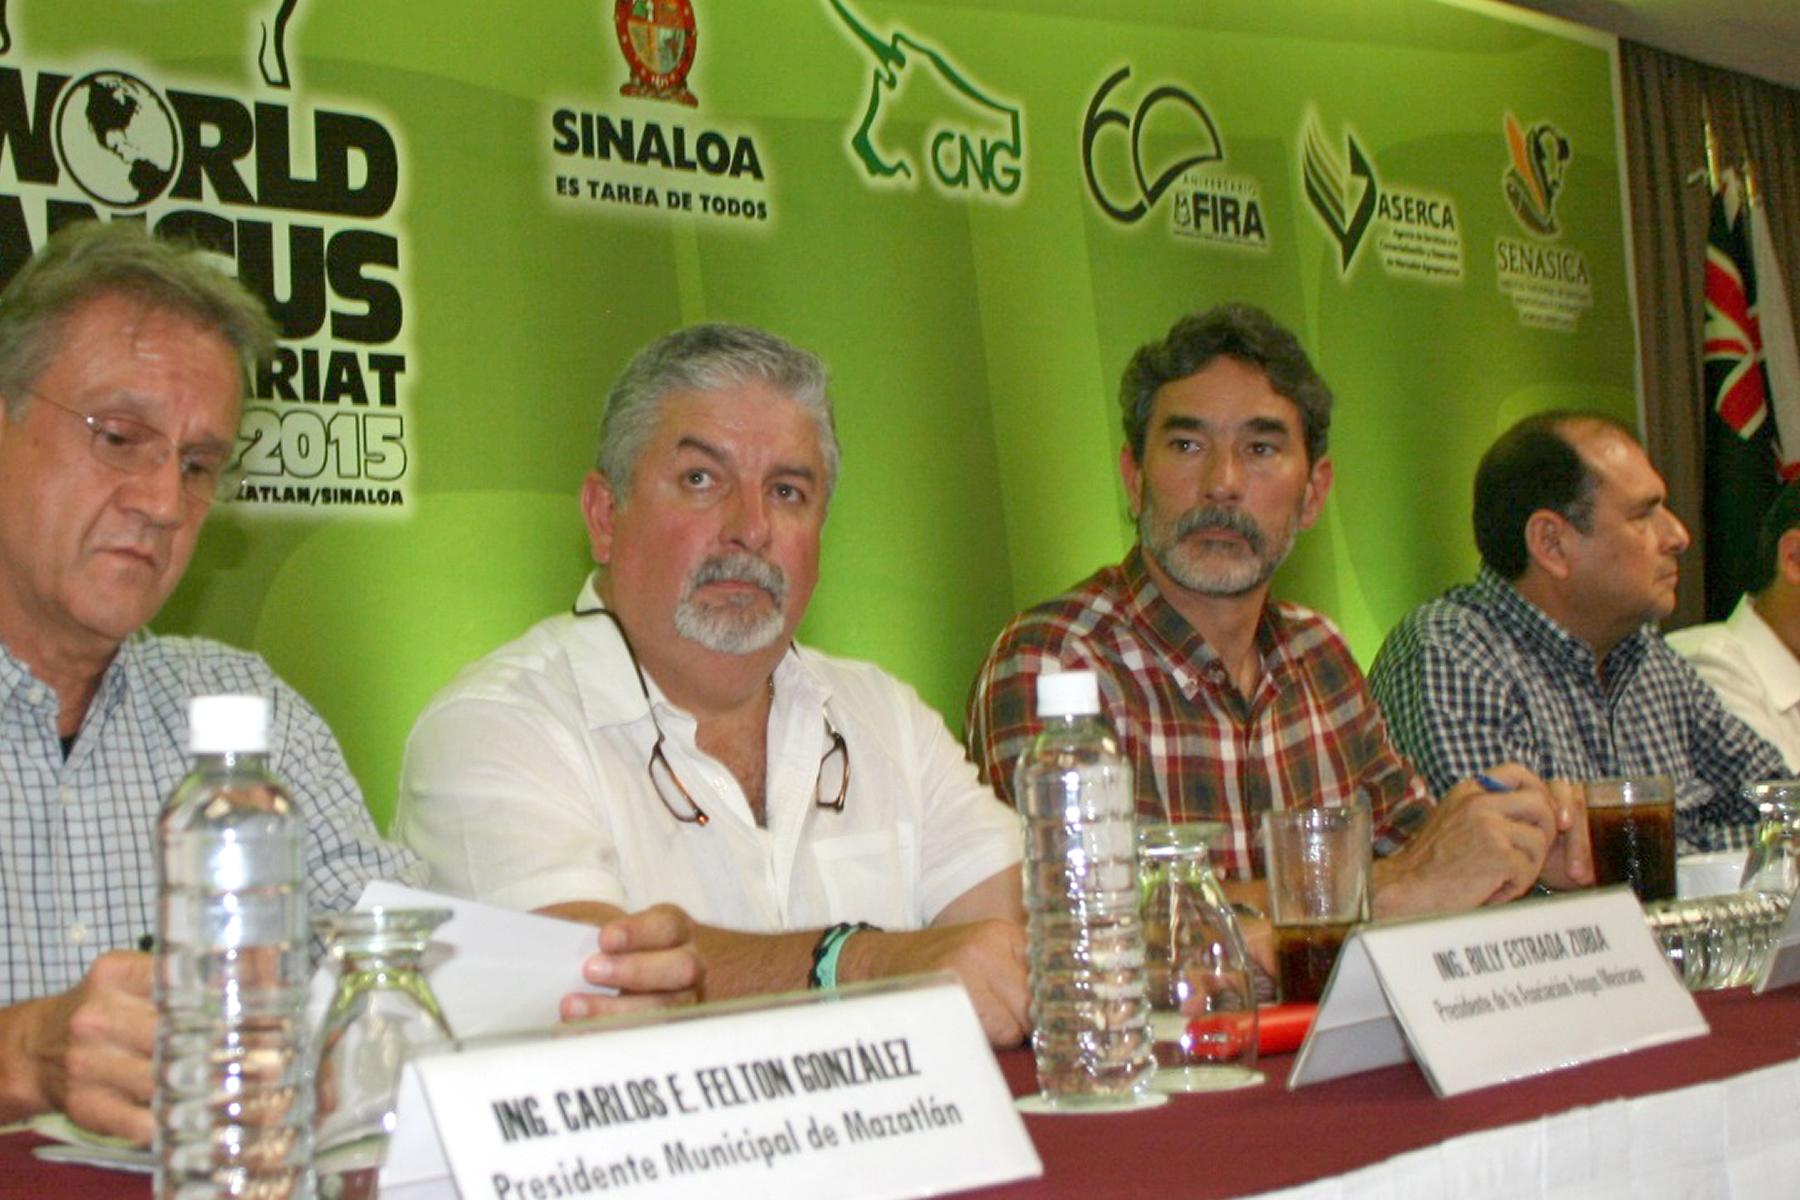 Anuncian Congreso Mundial de Angus, que se realizará en octubre próximo, en tres entidades del país: Chihuahua, Durango y Sinaloa.